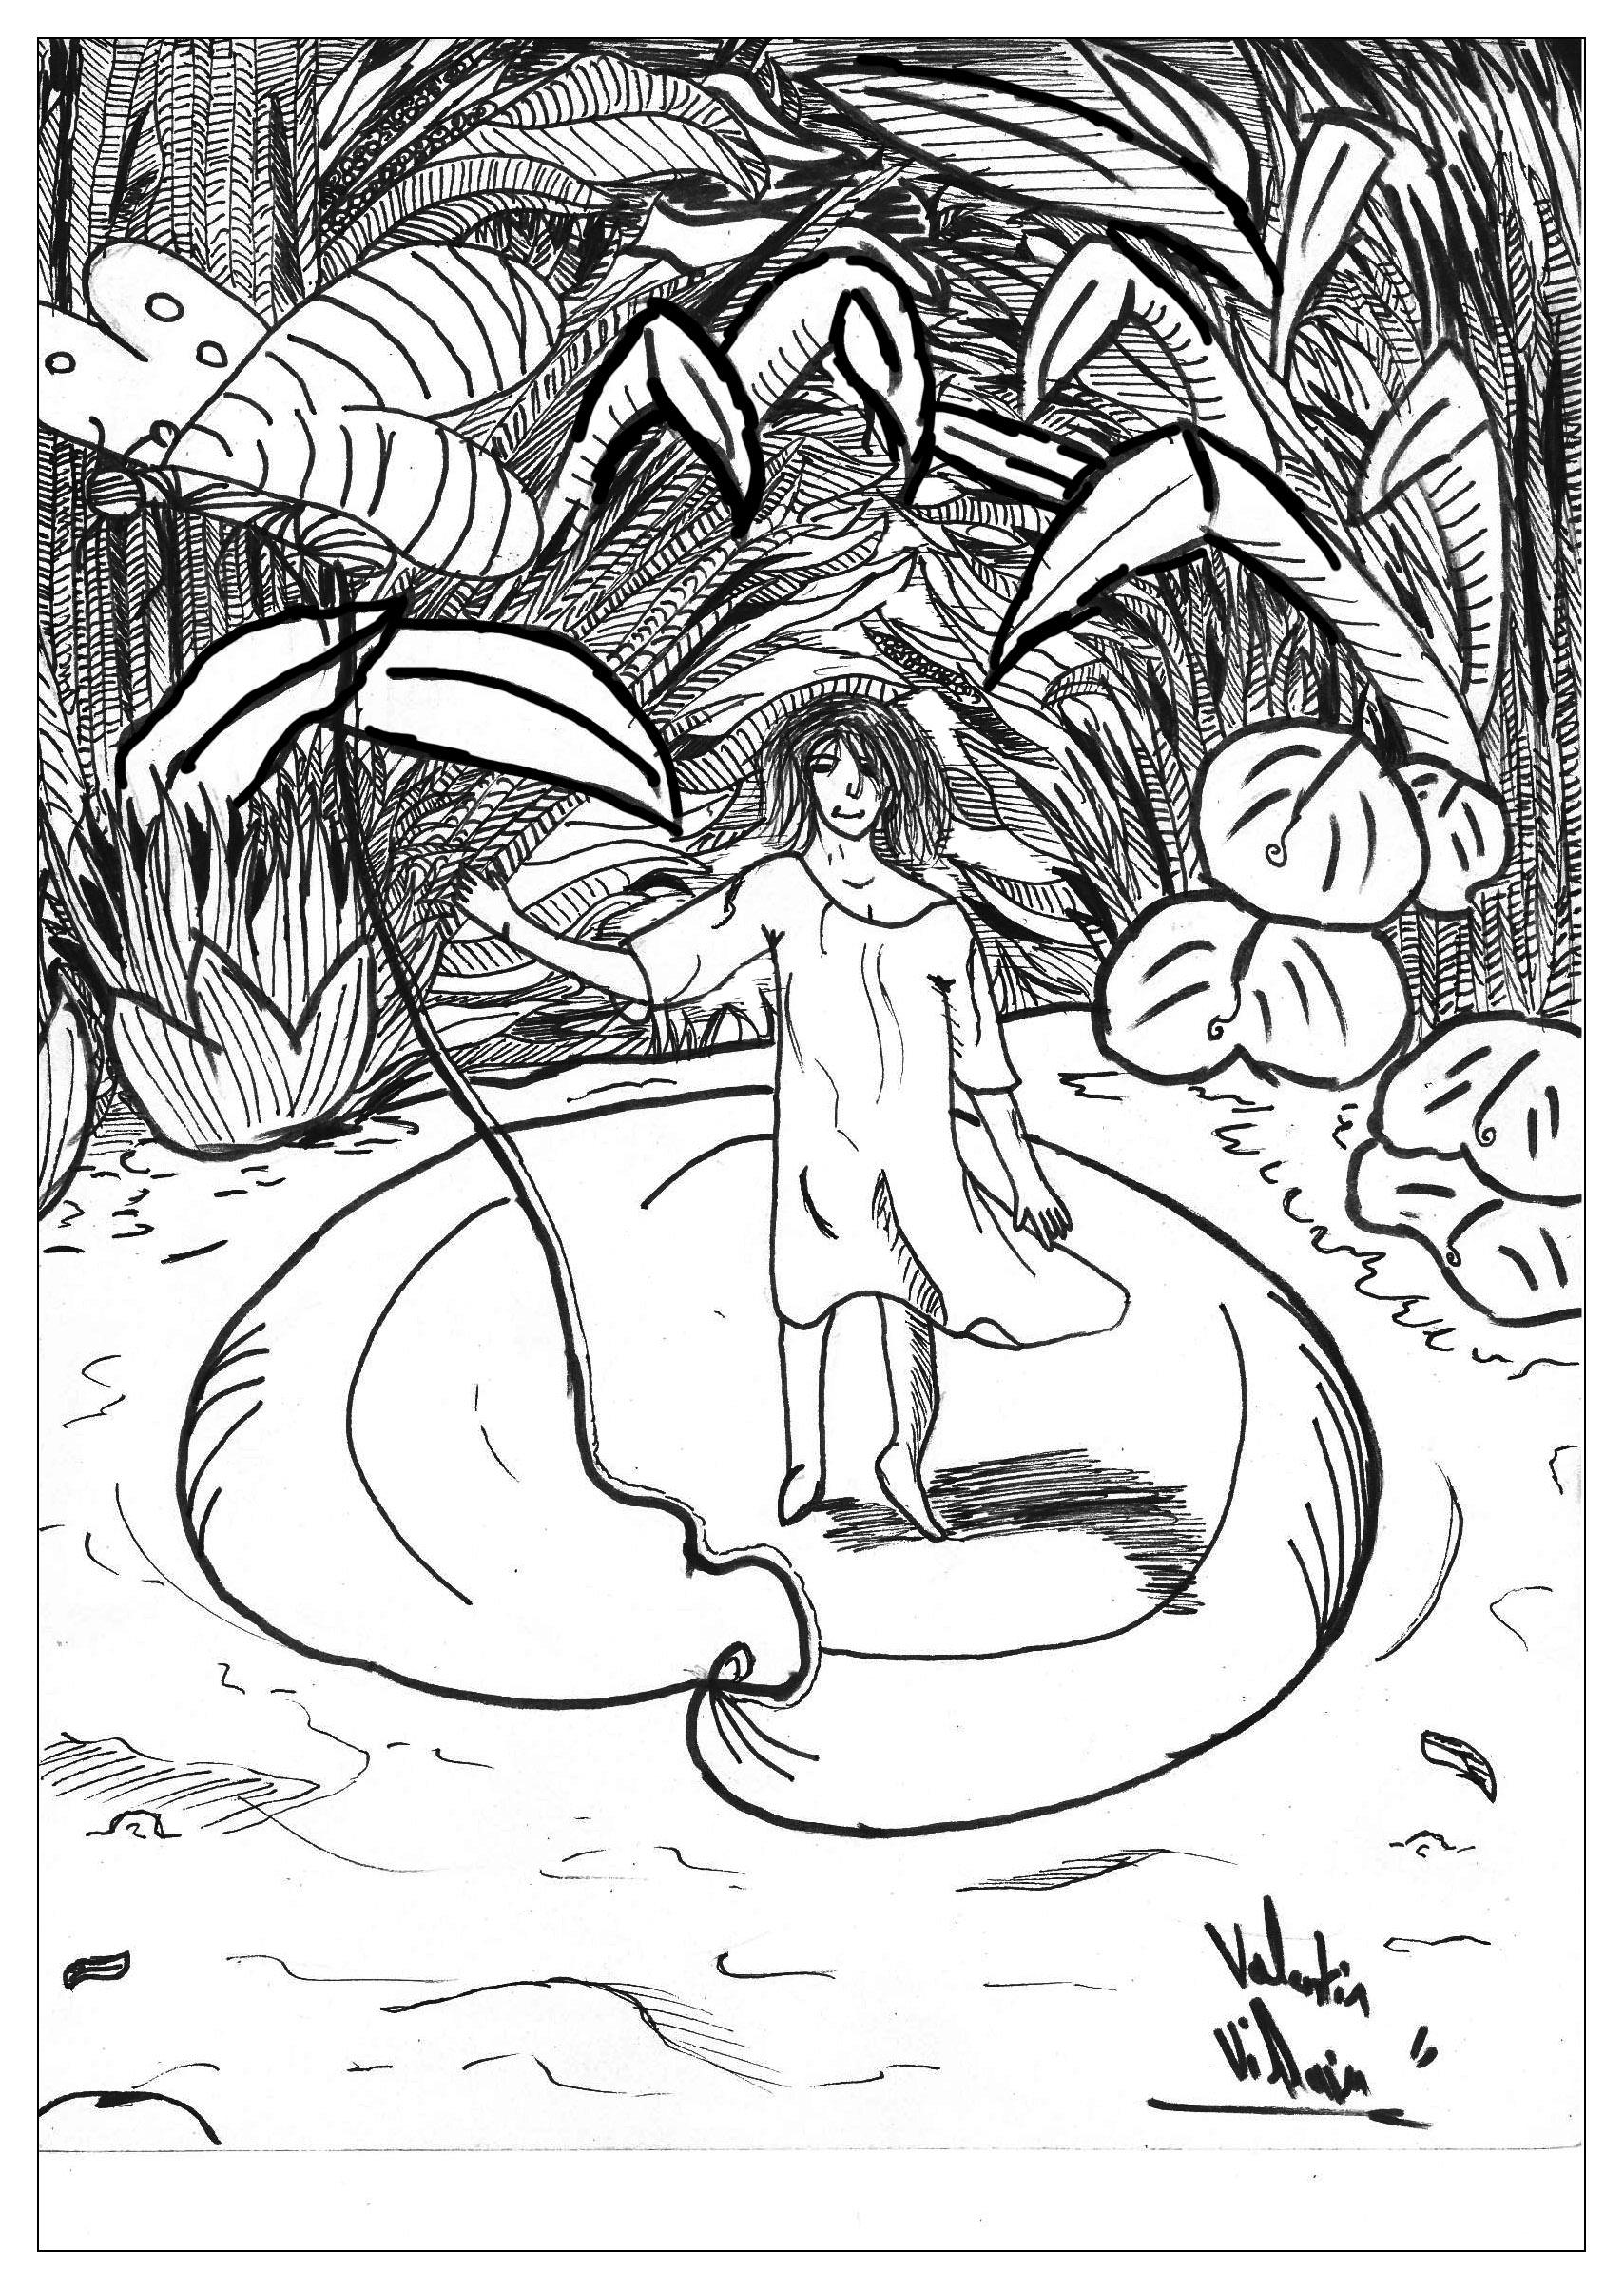 Colorear para adultos : Fairy tales - 14